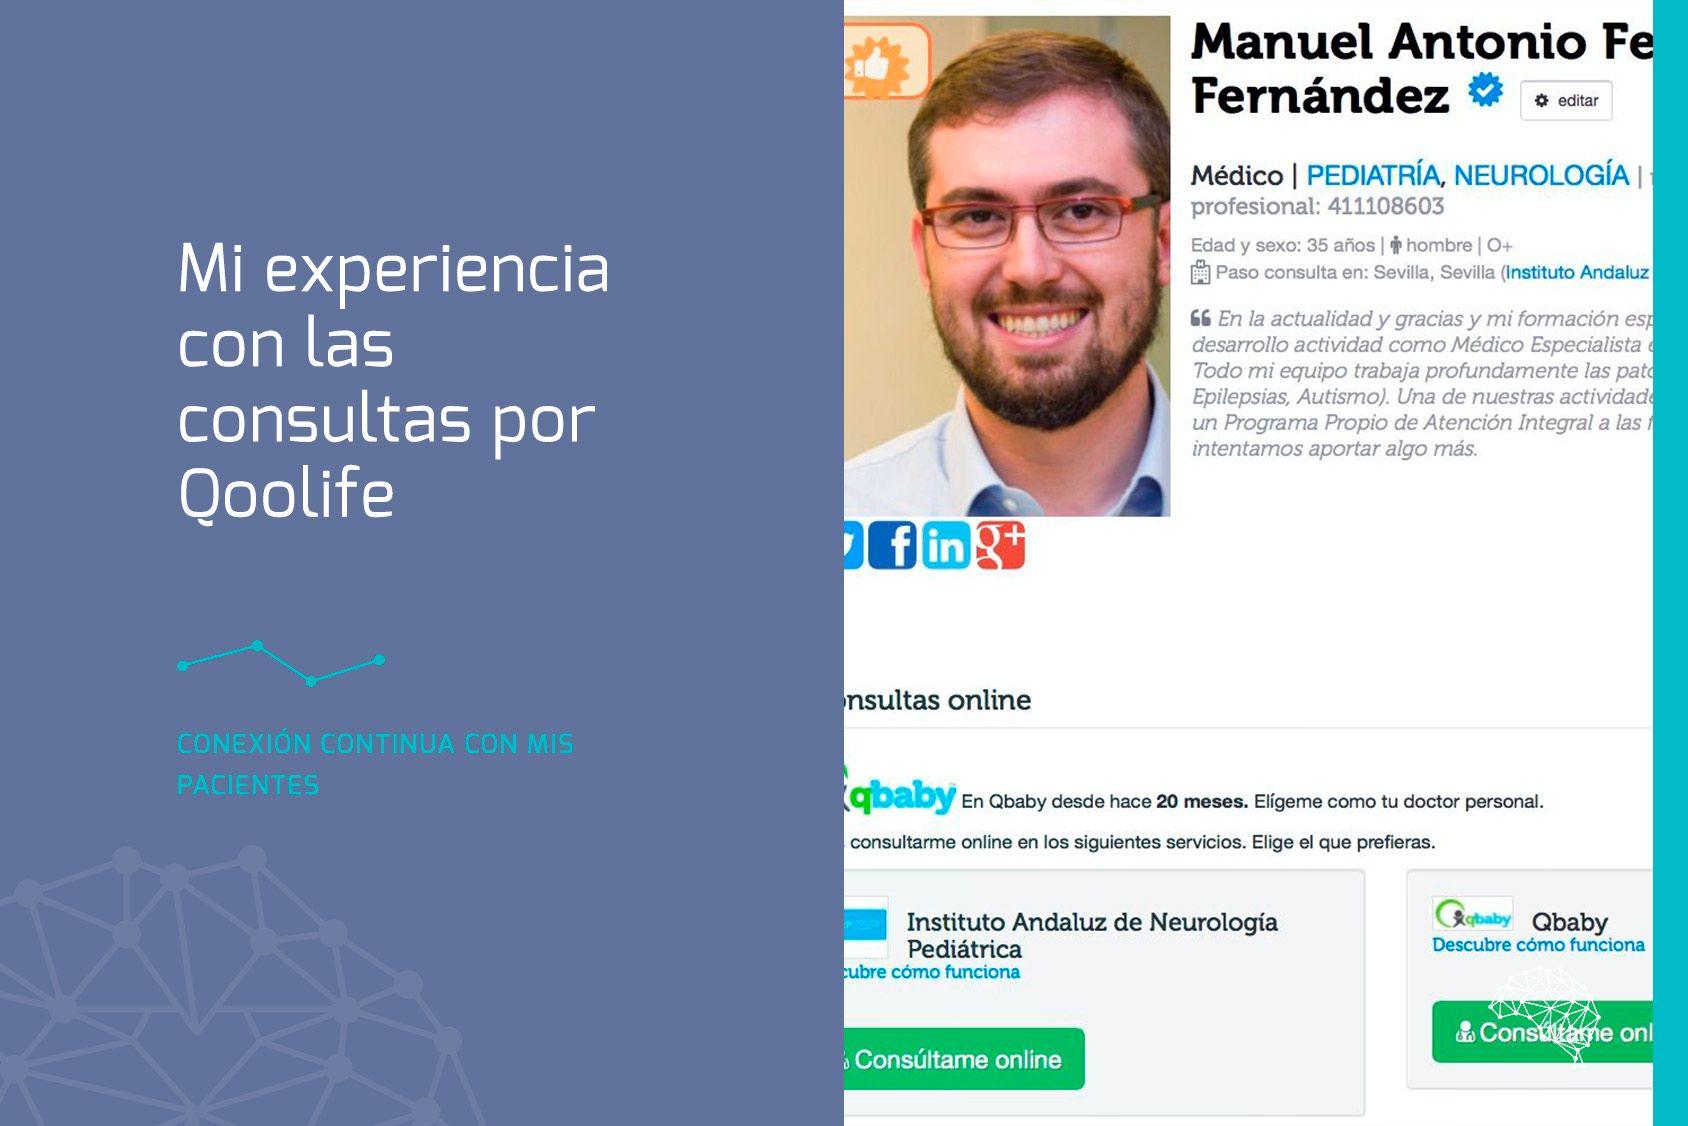 qoolife consulta online